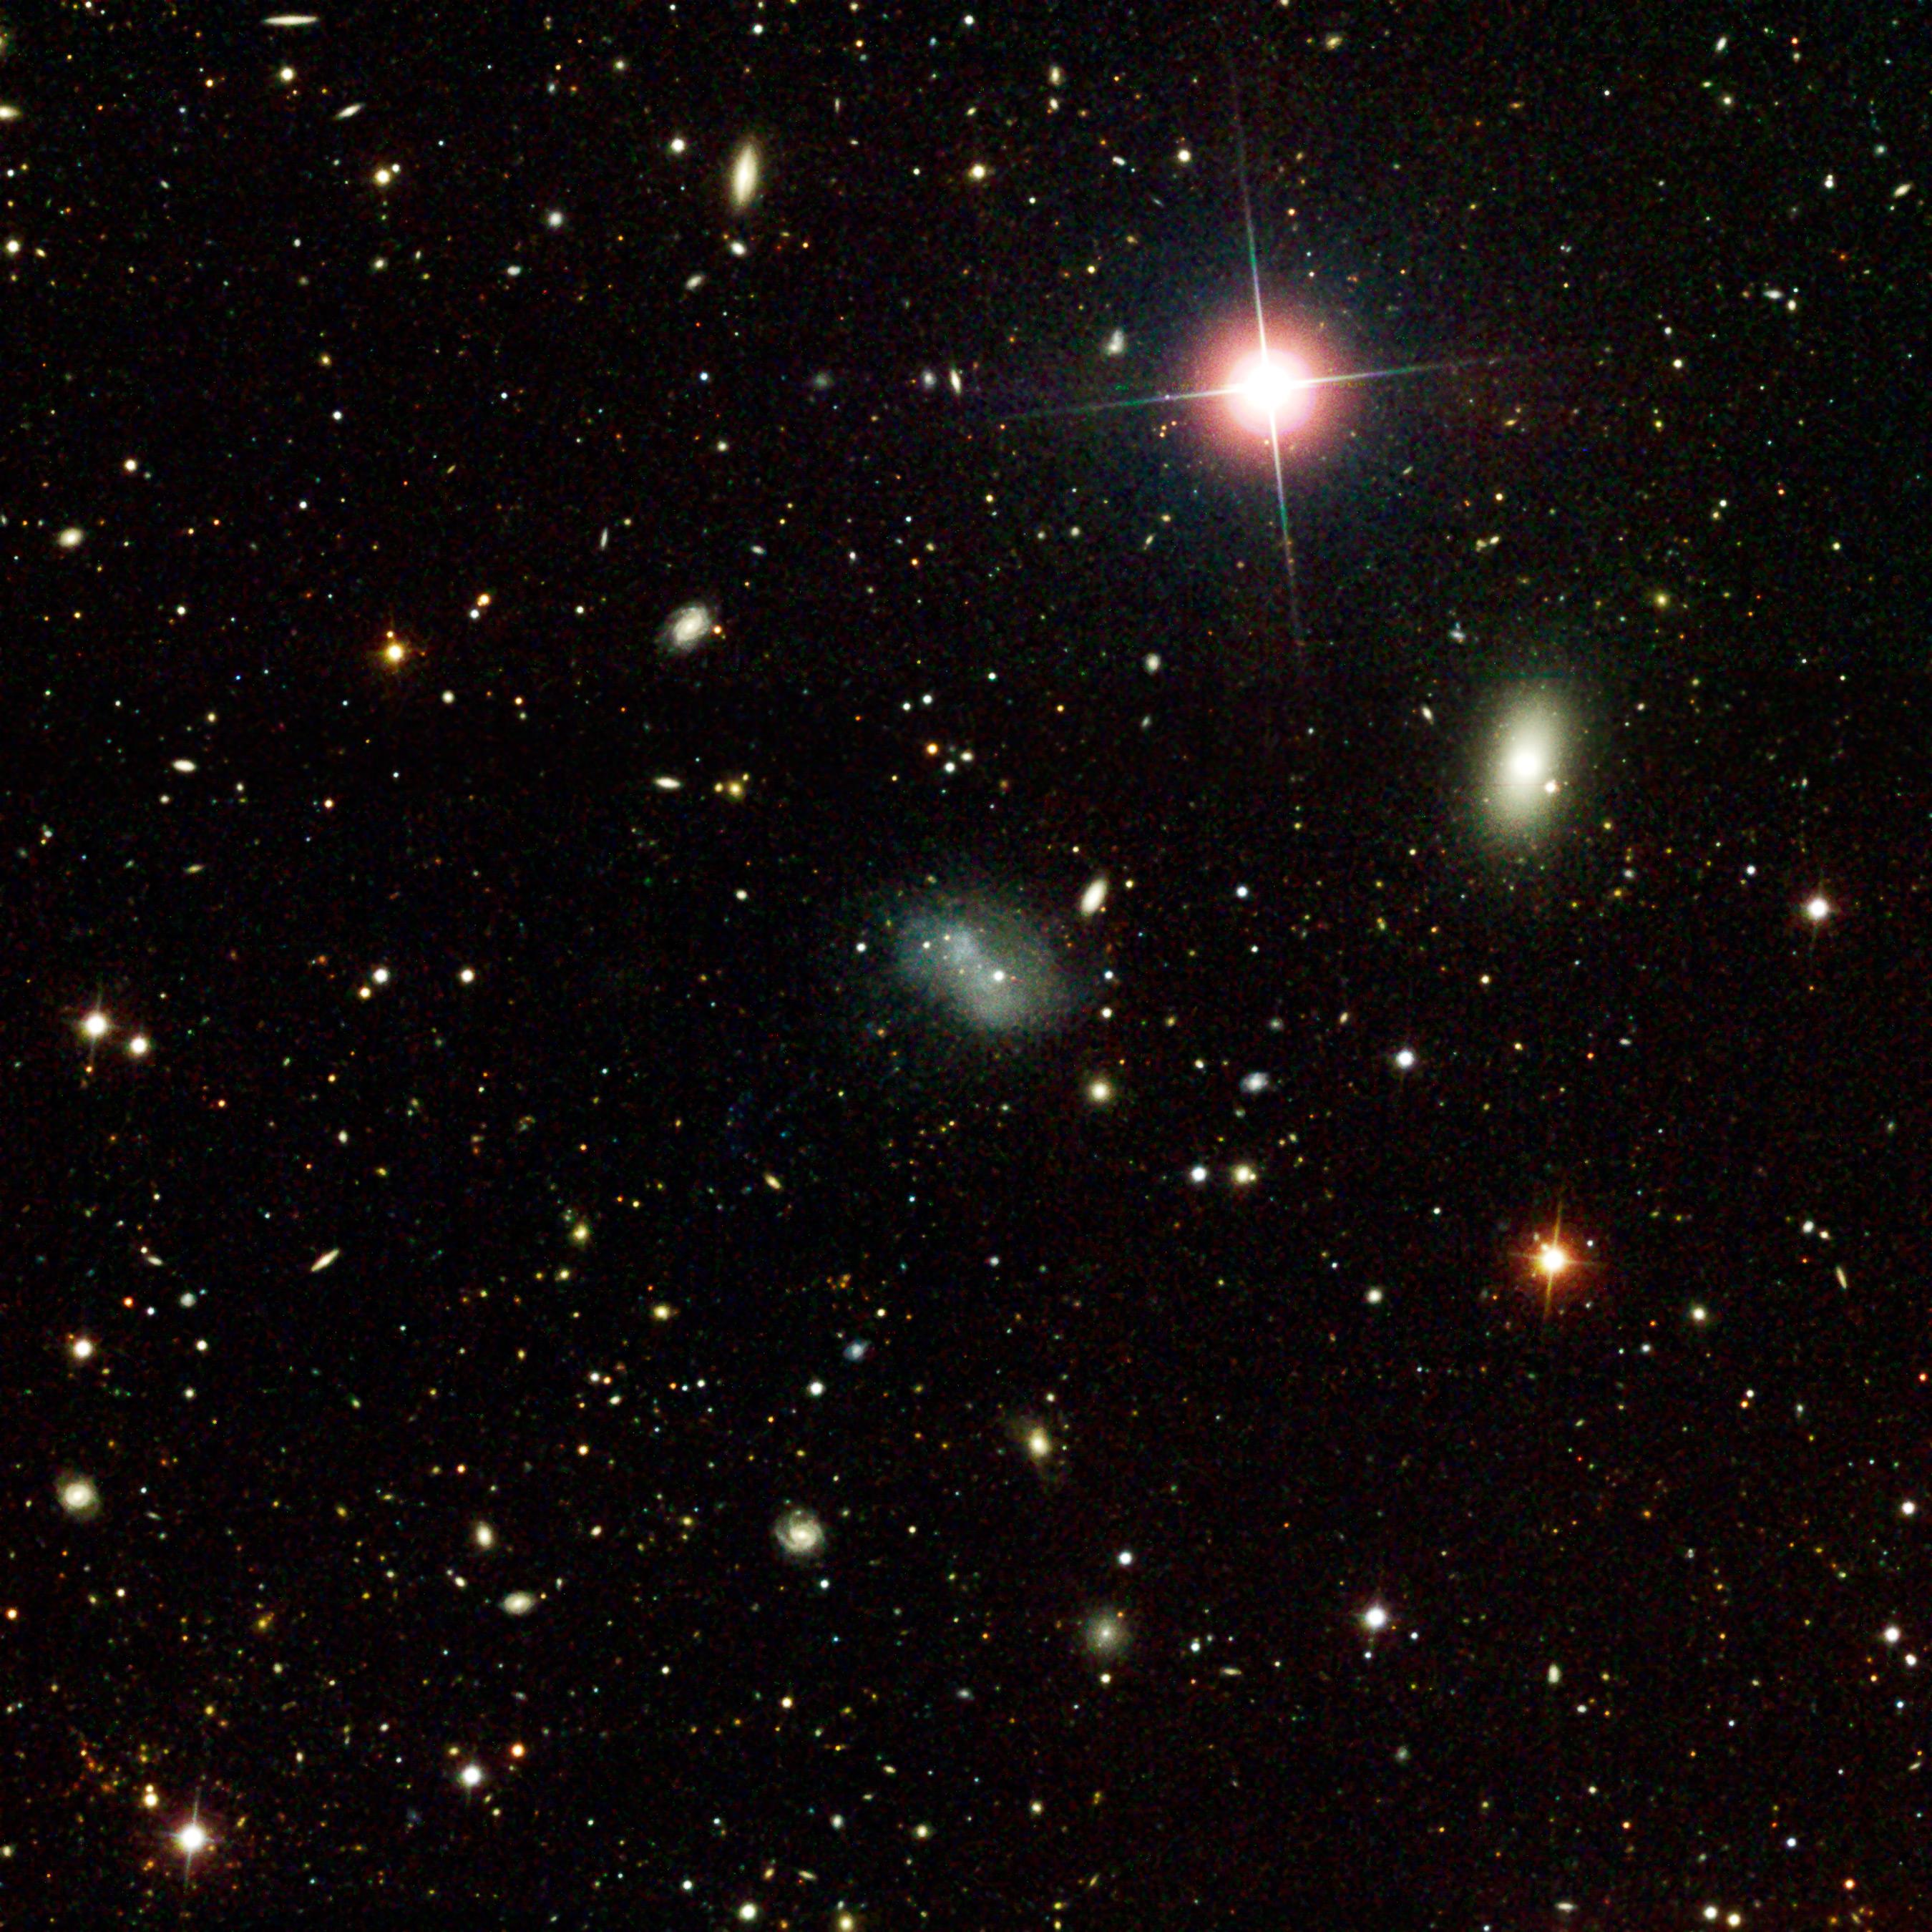 nasa stars and galaxies - photo #17